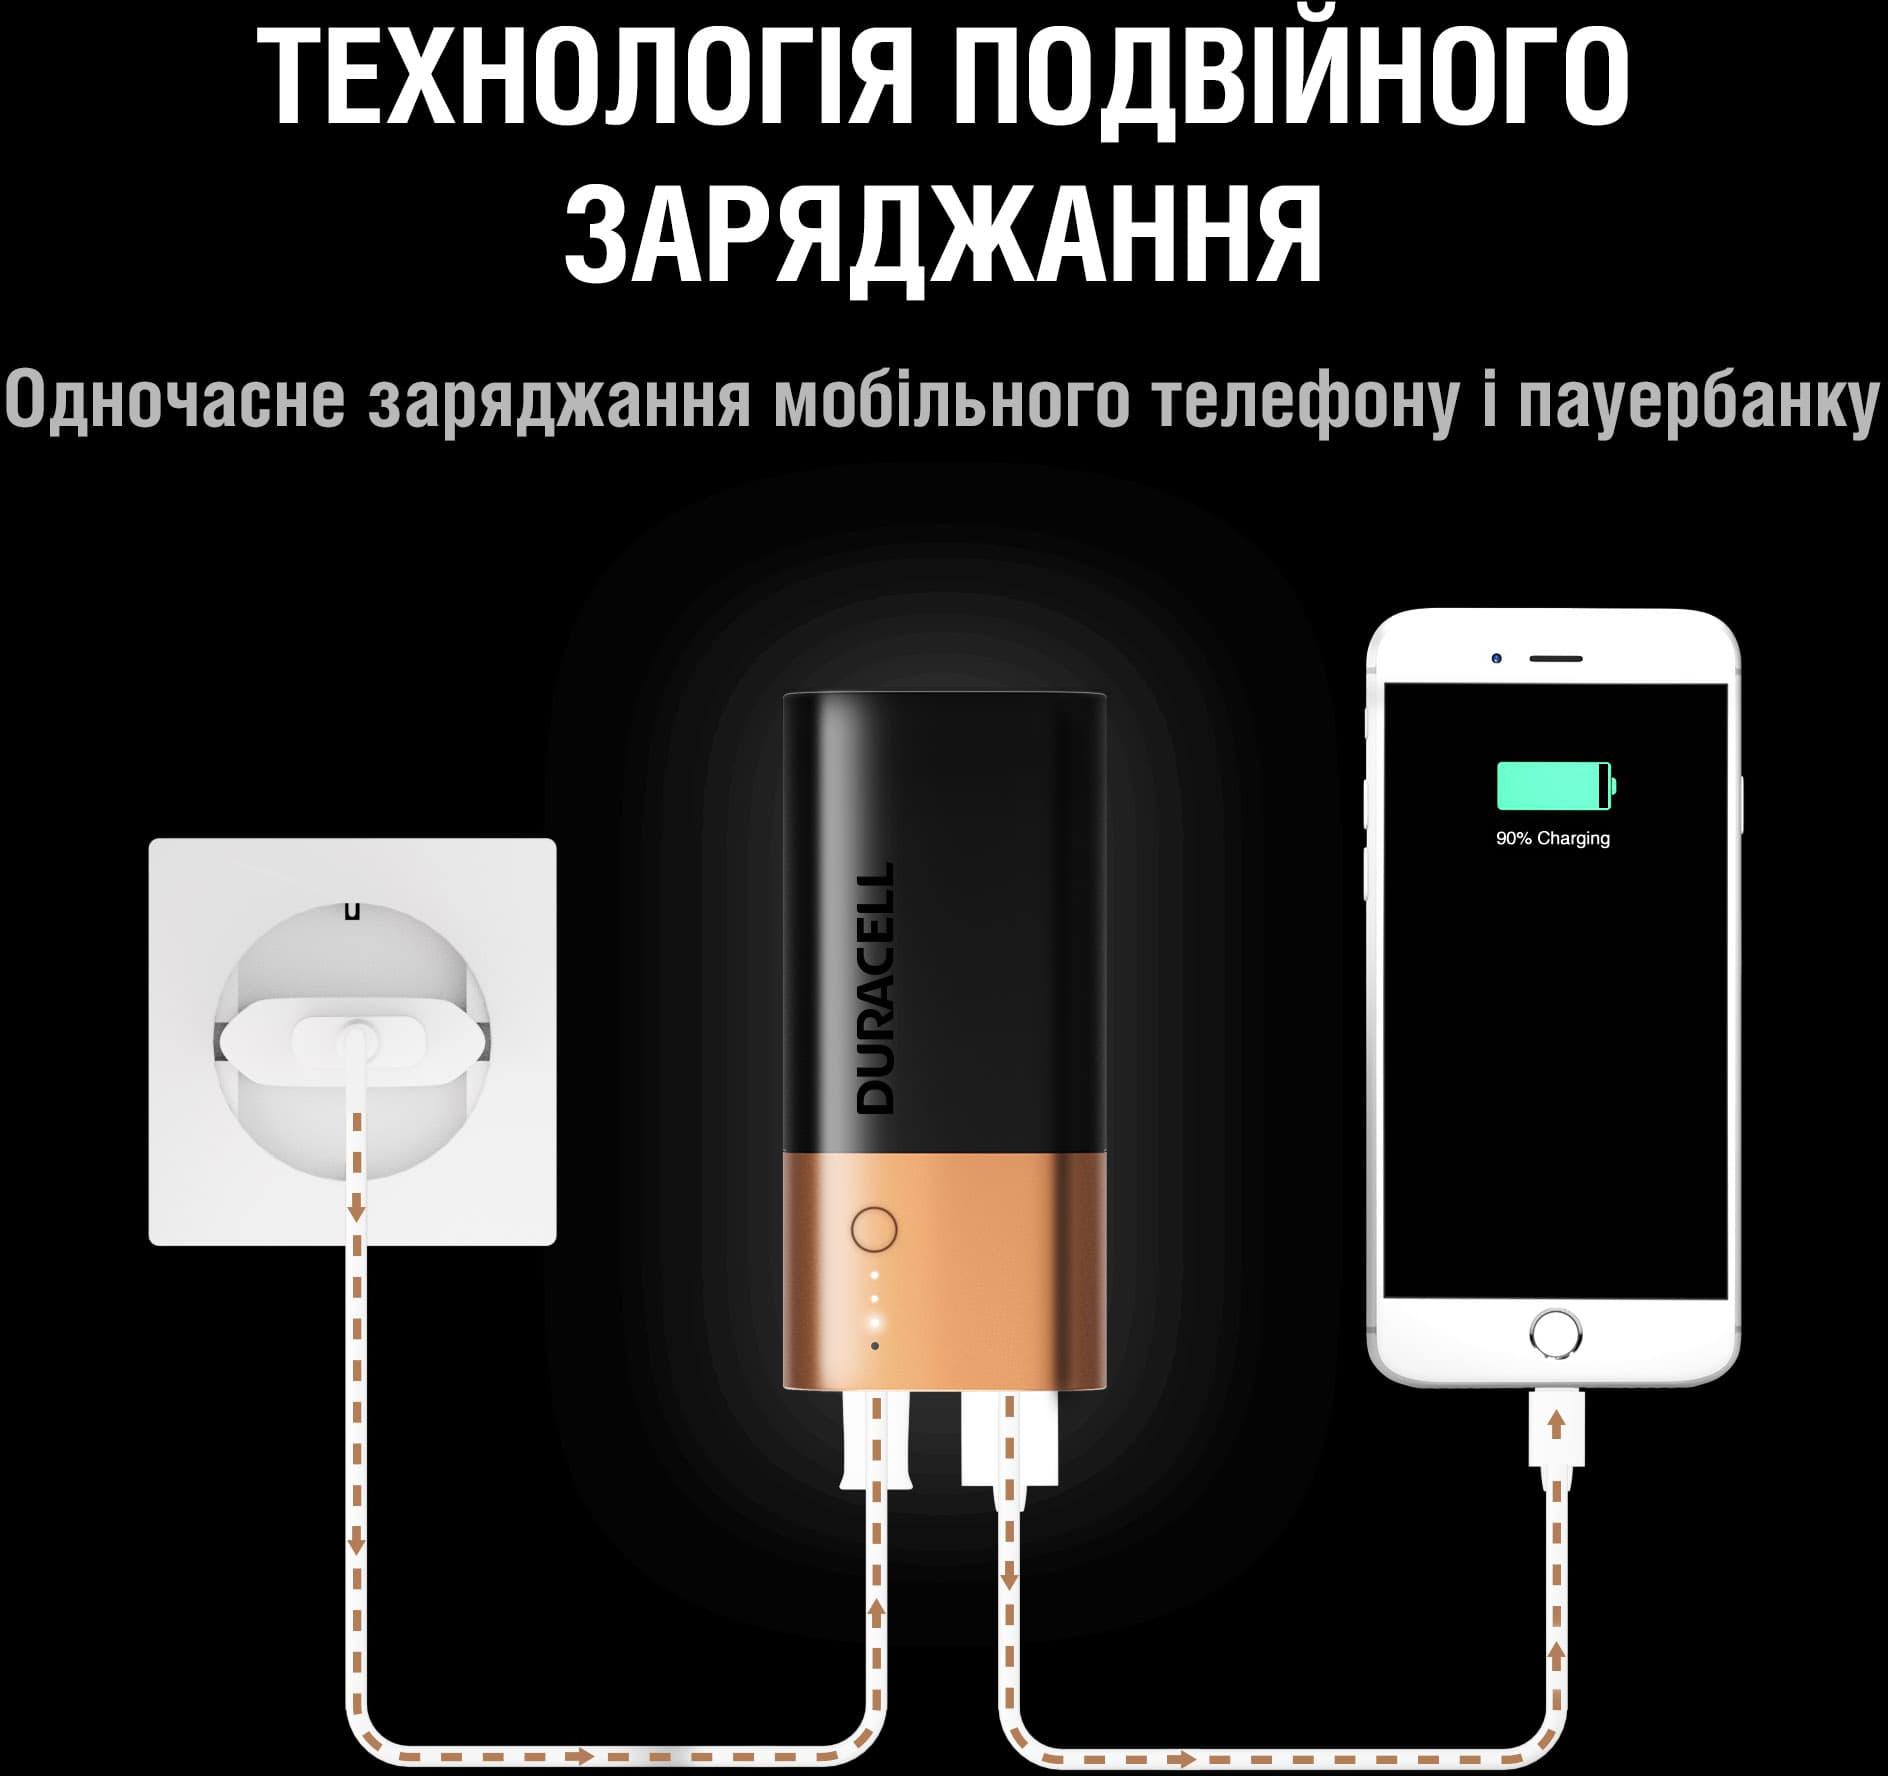 Аккумулятор-зарядка Power bank, емкость 6700мАч, выход 2,4А - 1 USB, вход - microUSB Duracell - фото 5